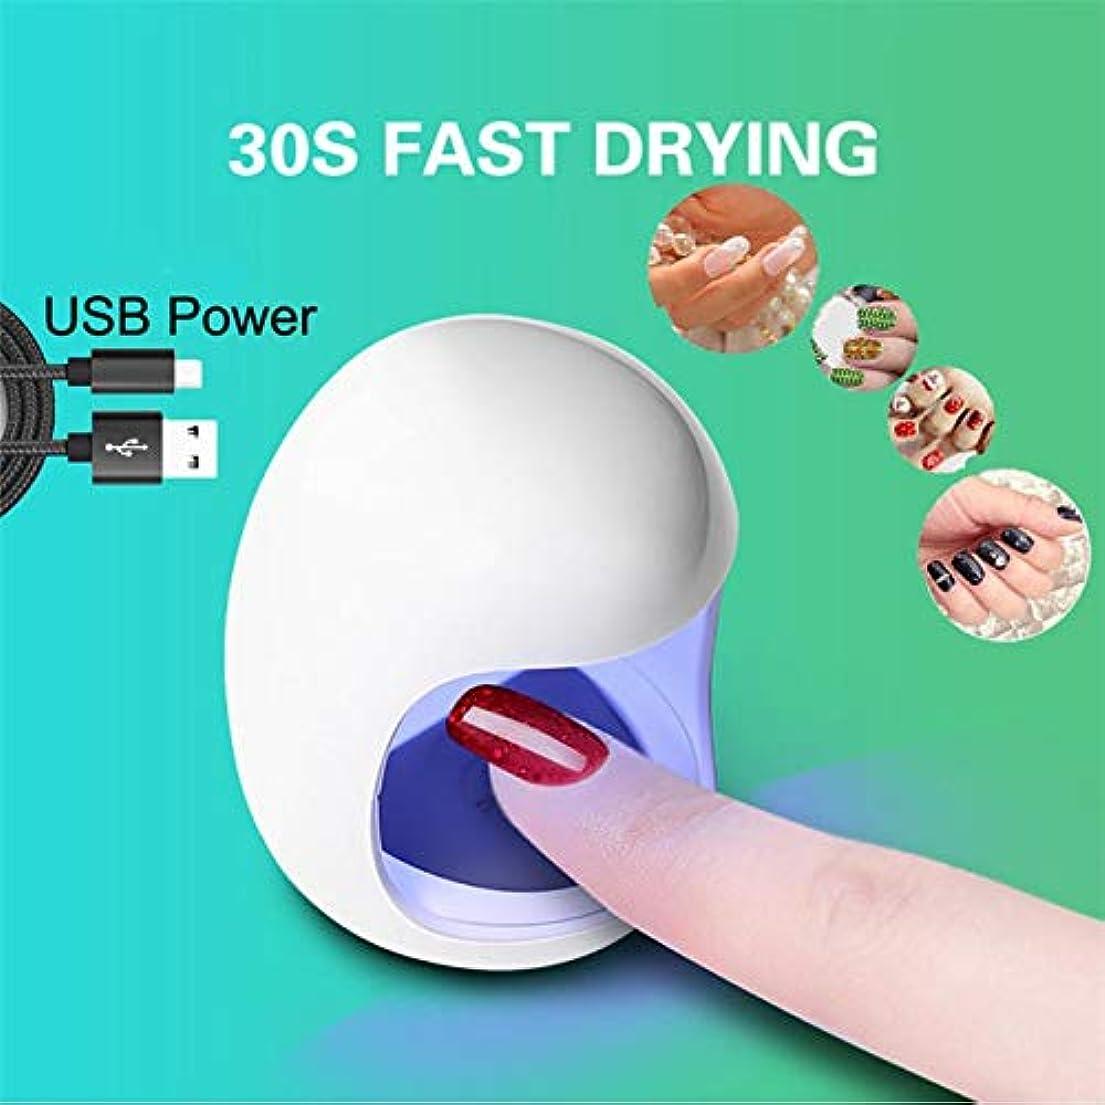 身元苦しみカップル58 × 45 × 45 ミリメートル 3 ワットホワイトミニ Usb UV ネイルジェル硬化ランプライトネイルジェルポリッシュ乾燥機ネイルアート機 PC & ABS Led UV ランプ lampa